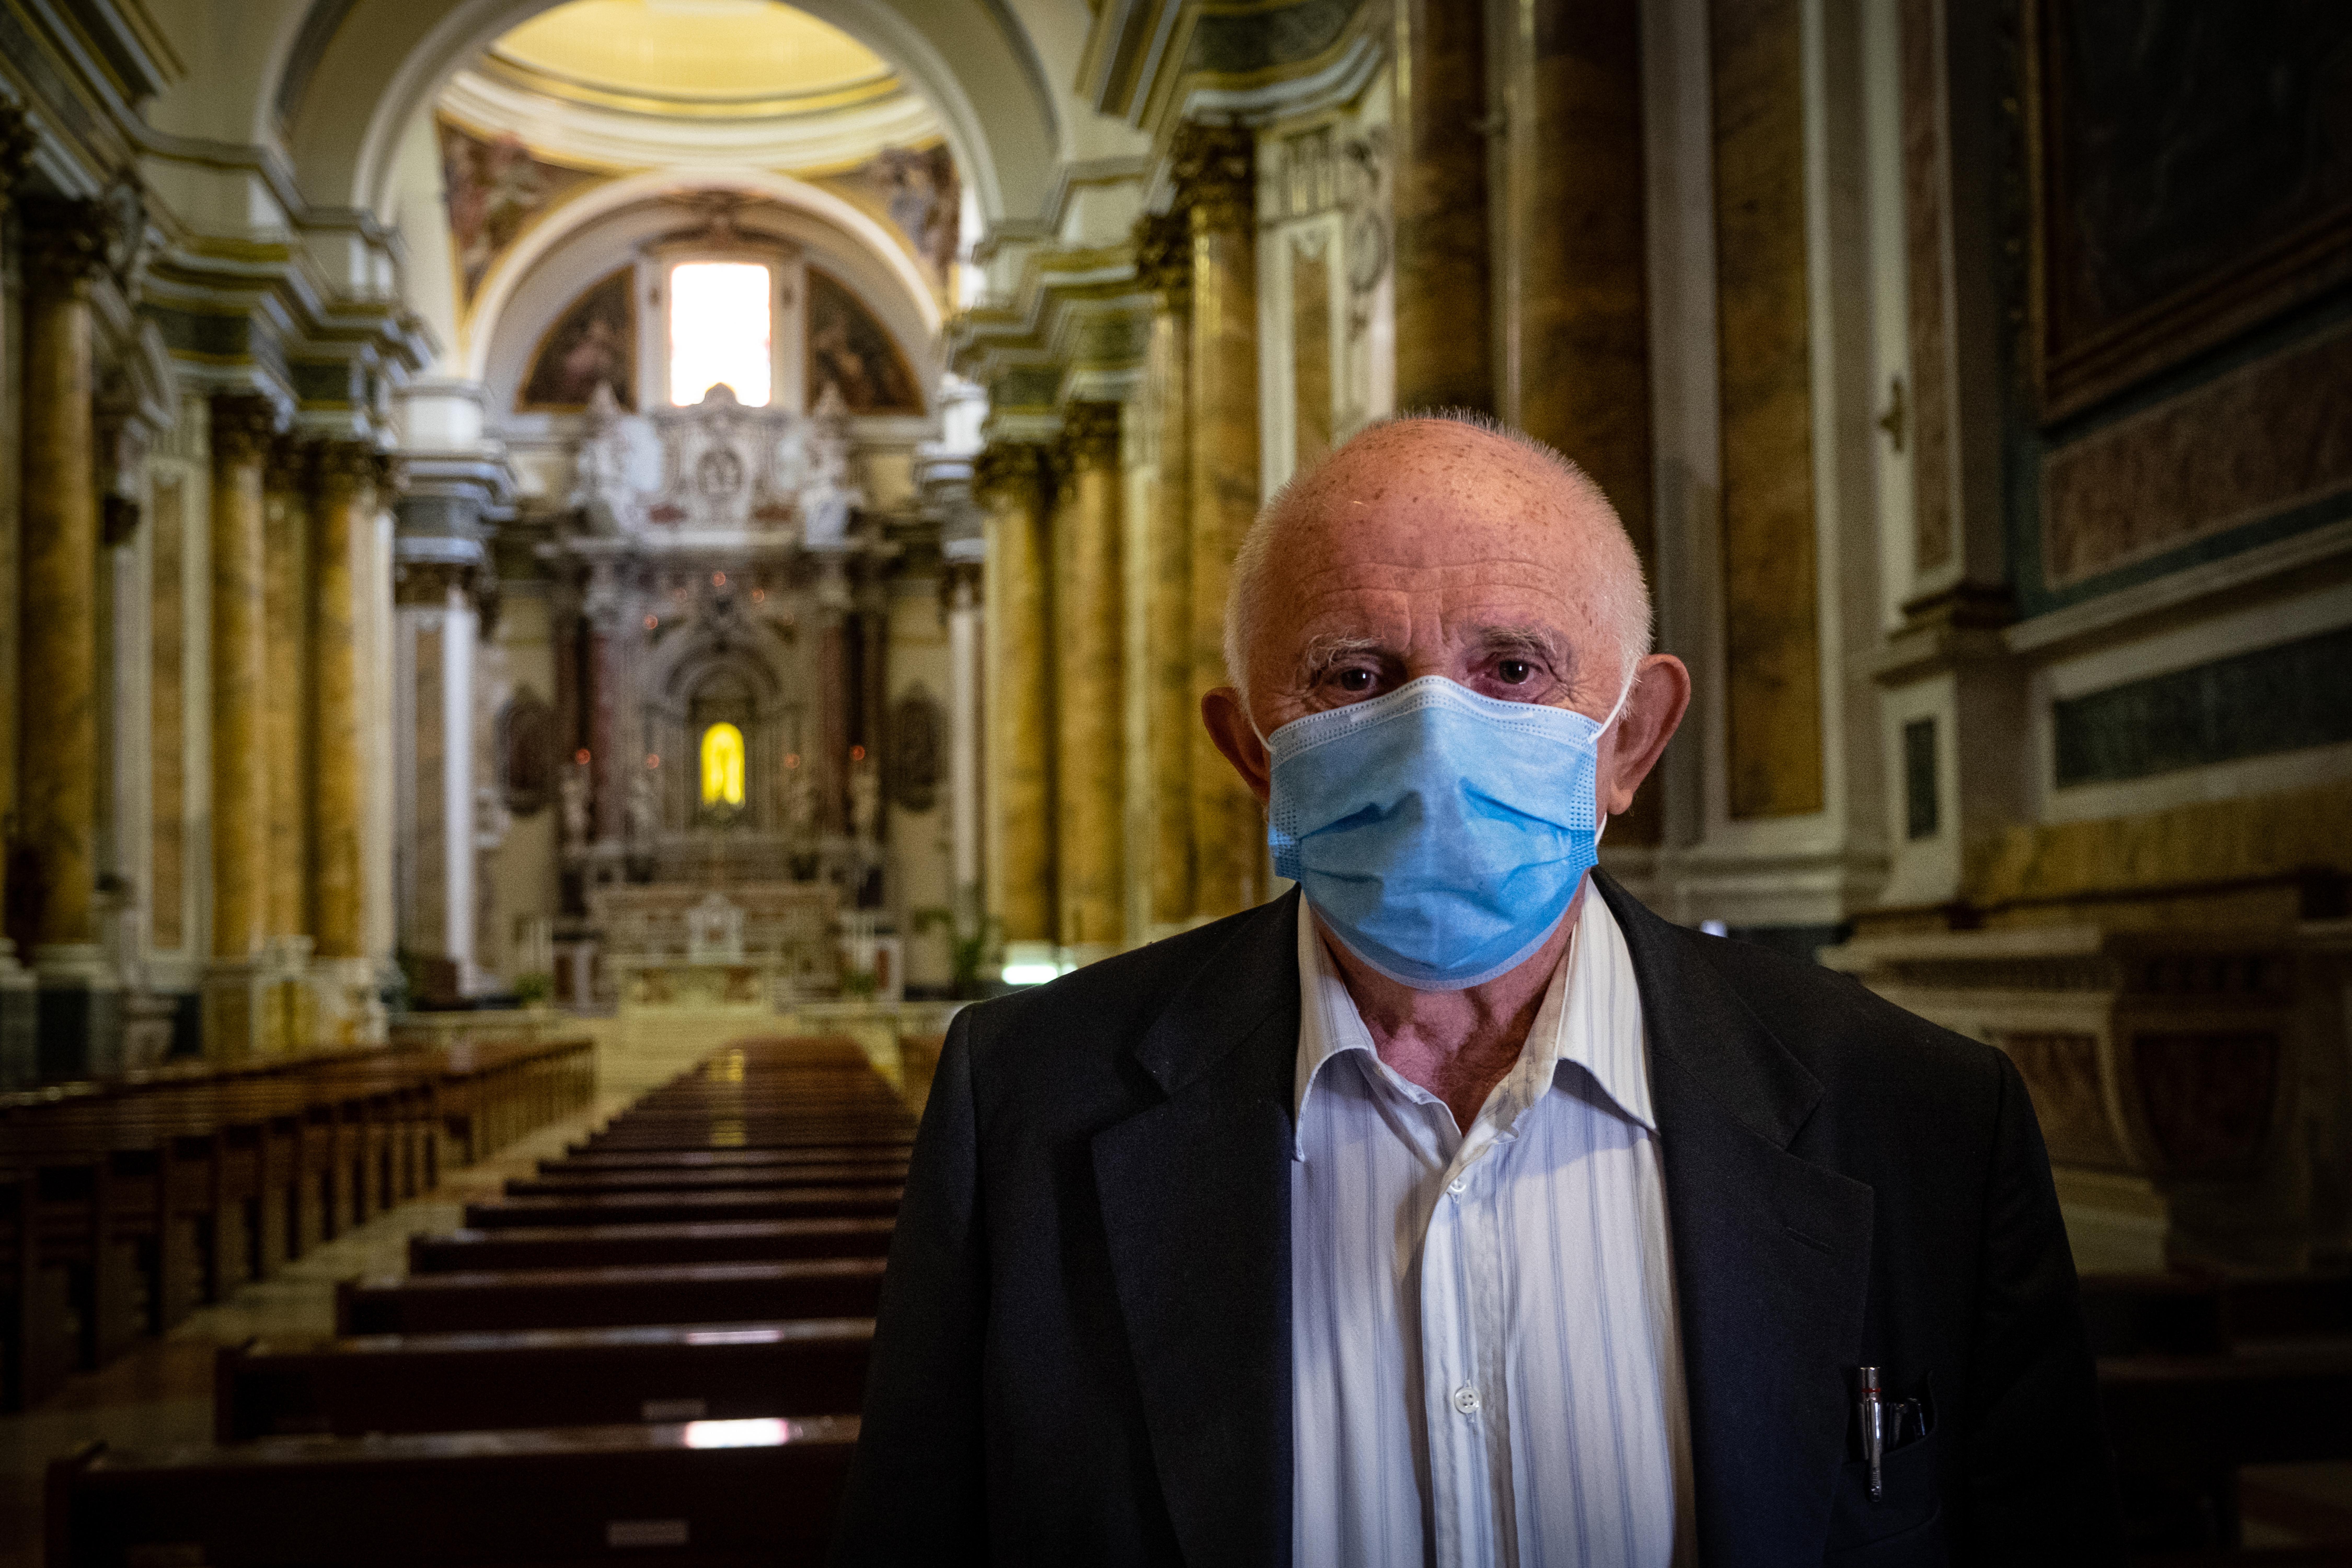 Újra tarthatnak miséket Olaszországban, de áldozni csak gumikesztyűben lehet